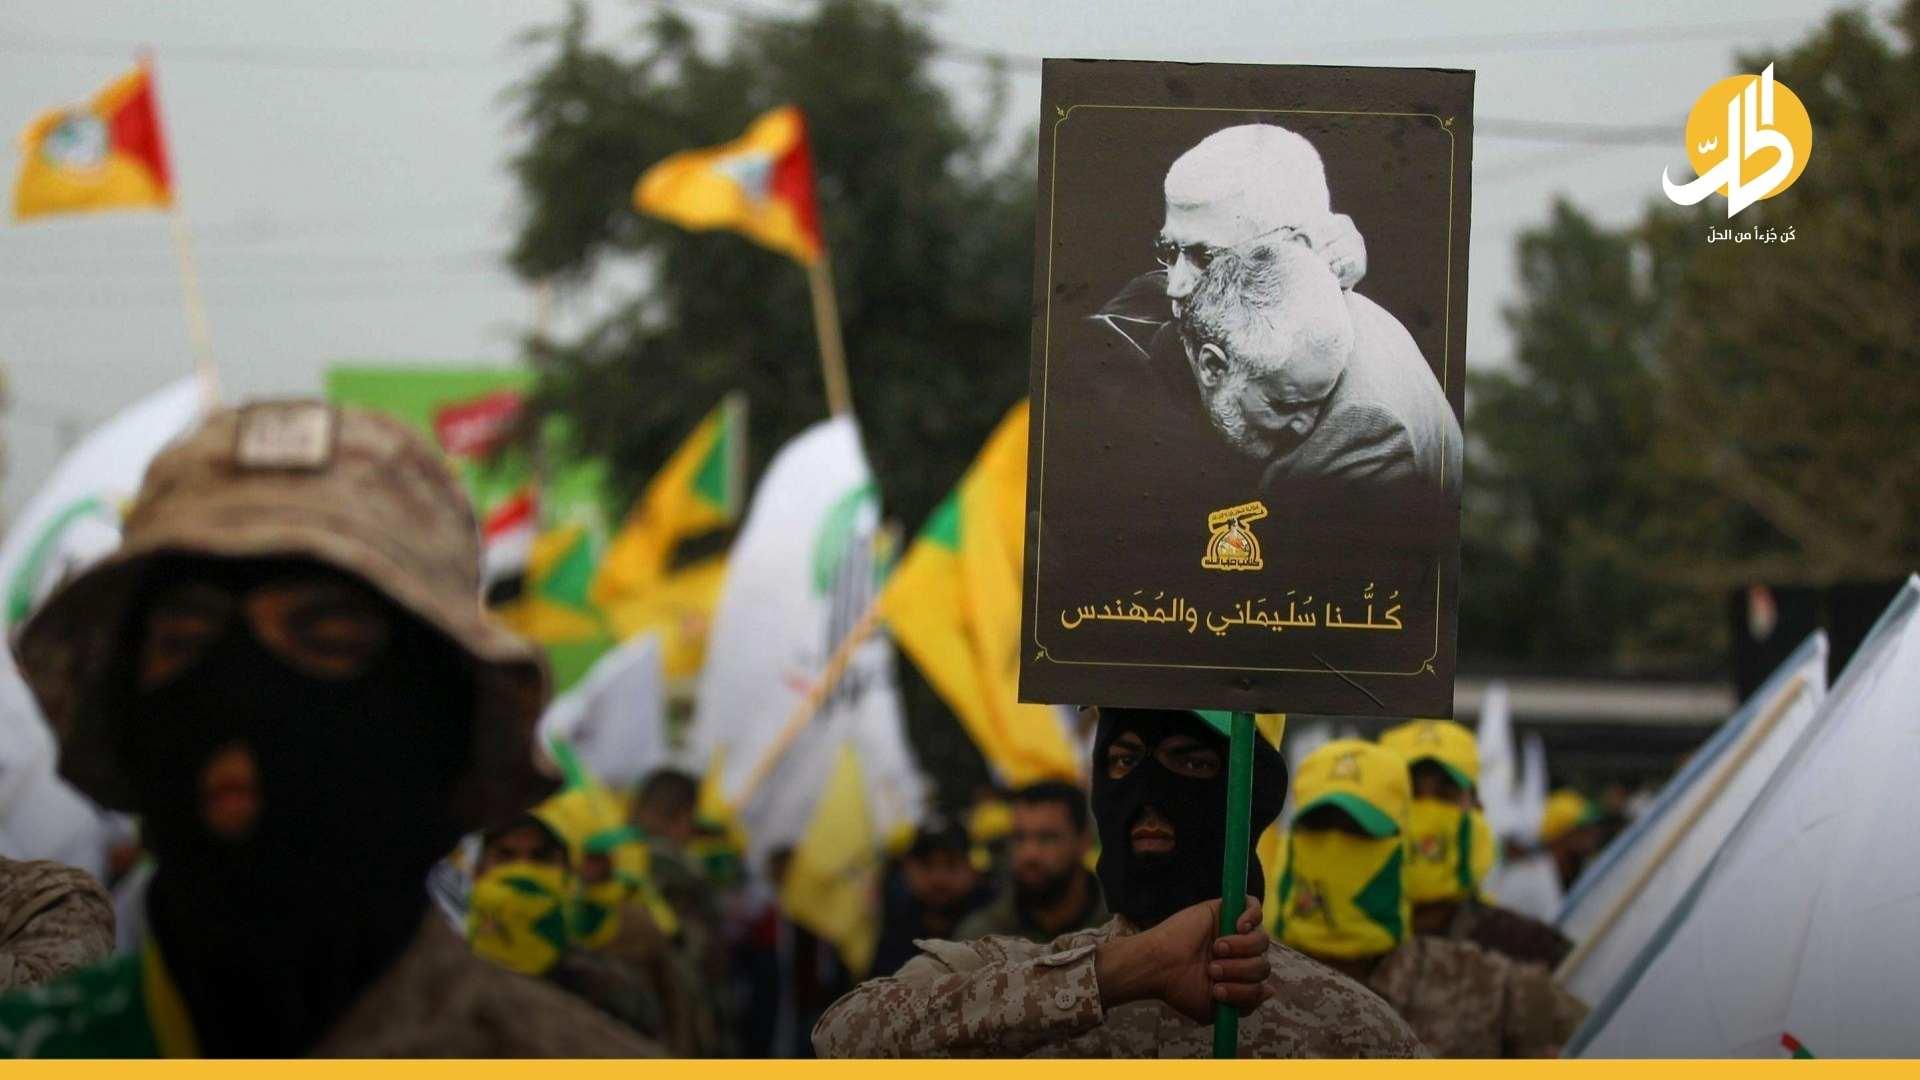 «تقمَع بالهراوات».. انبثاق ميليشيا ولائية جديدَة بعد الغضب الكربلائي من إيران